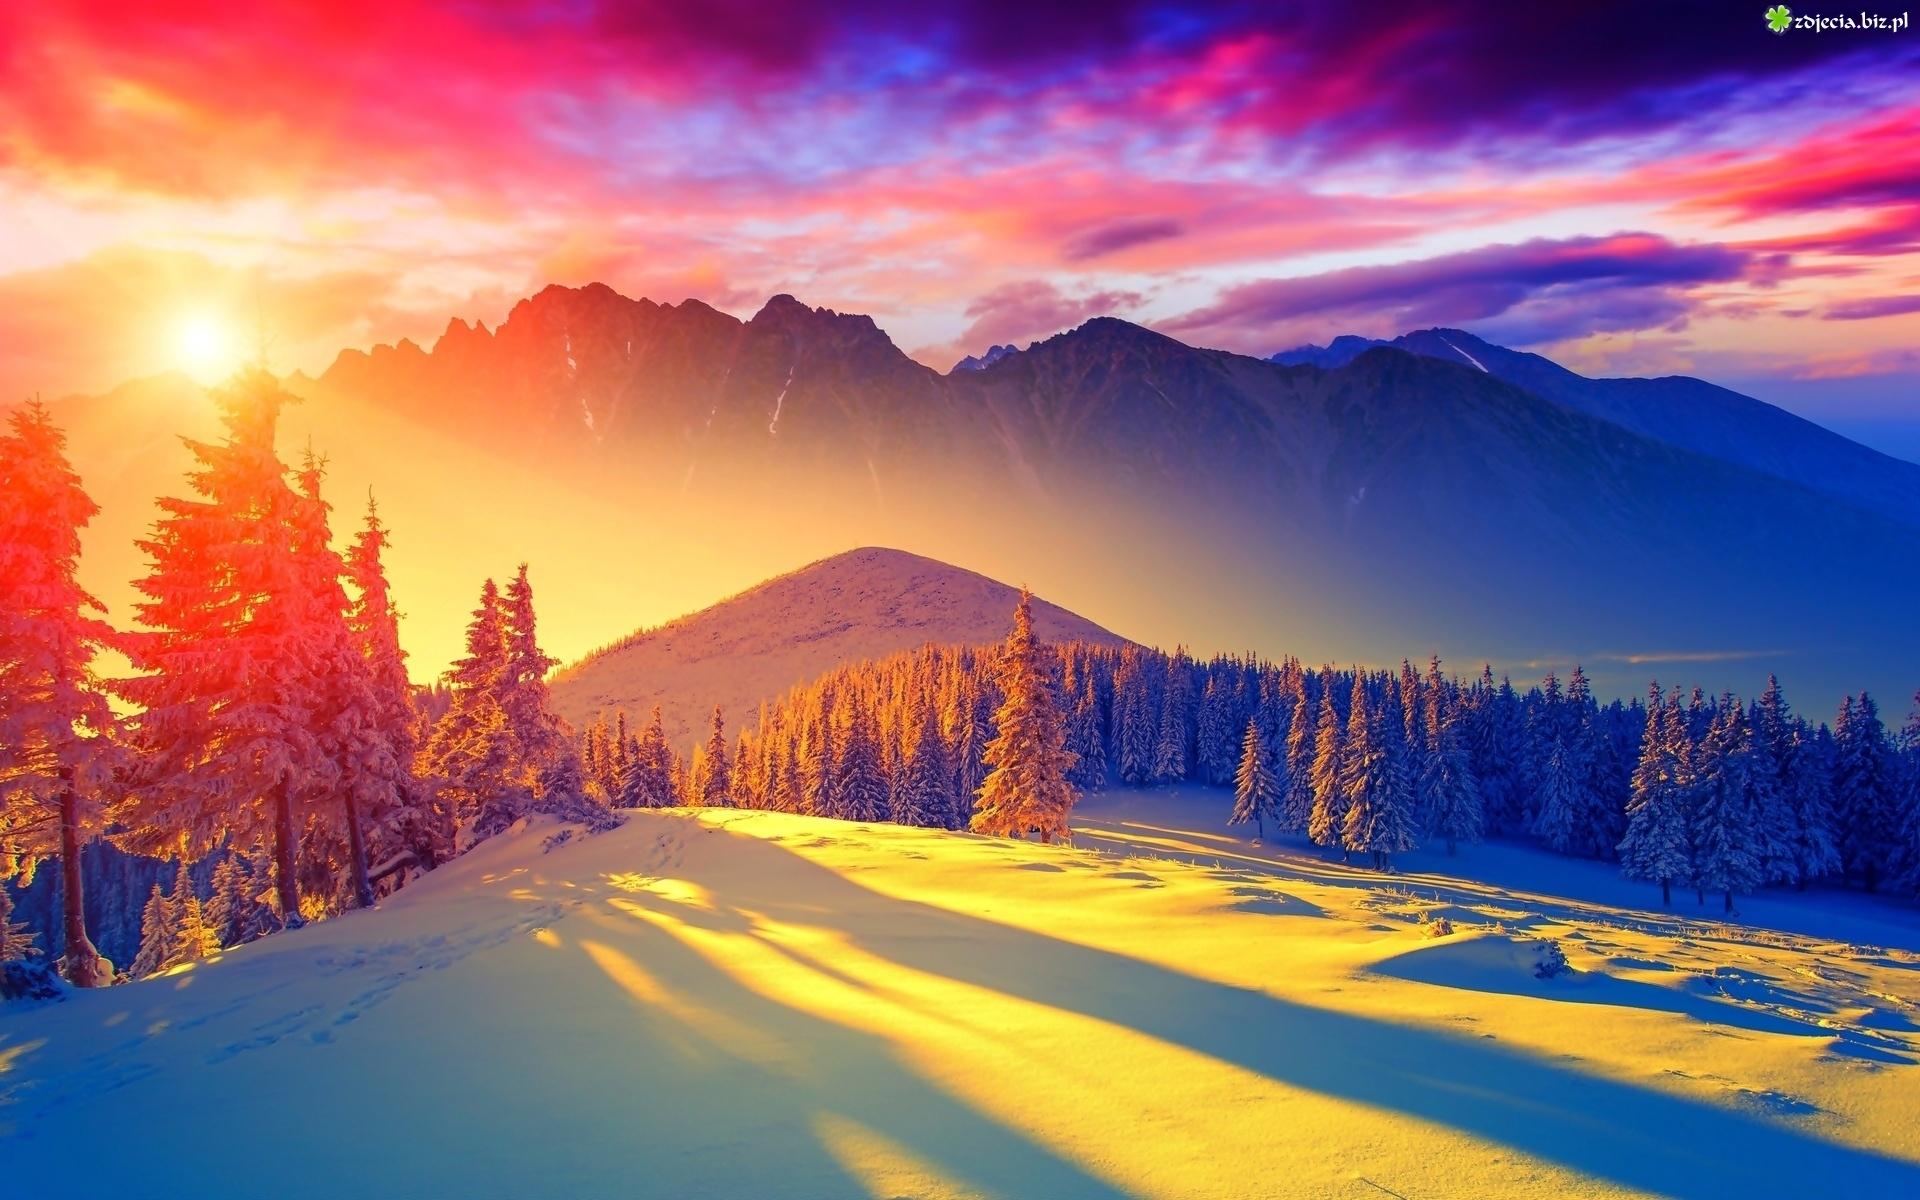 Zdjęcie Zima Śnieg G 243 Ry Promienie Blask Zach 243 D Słońca